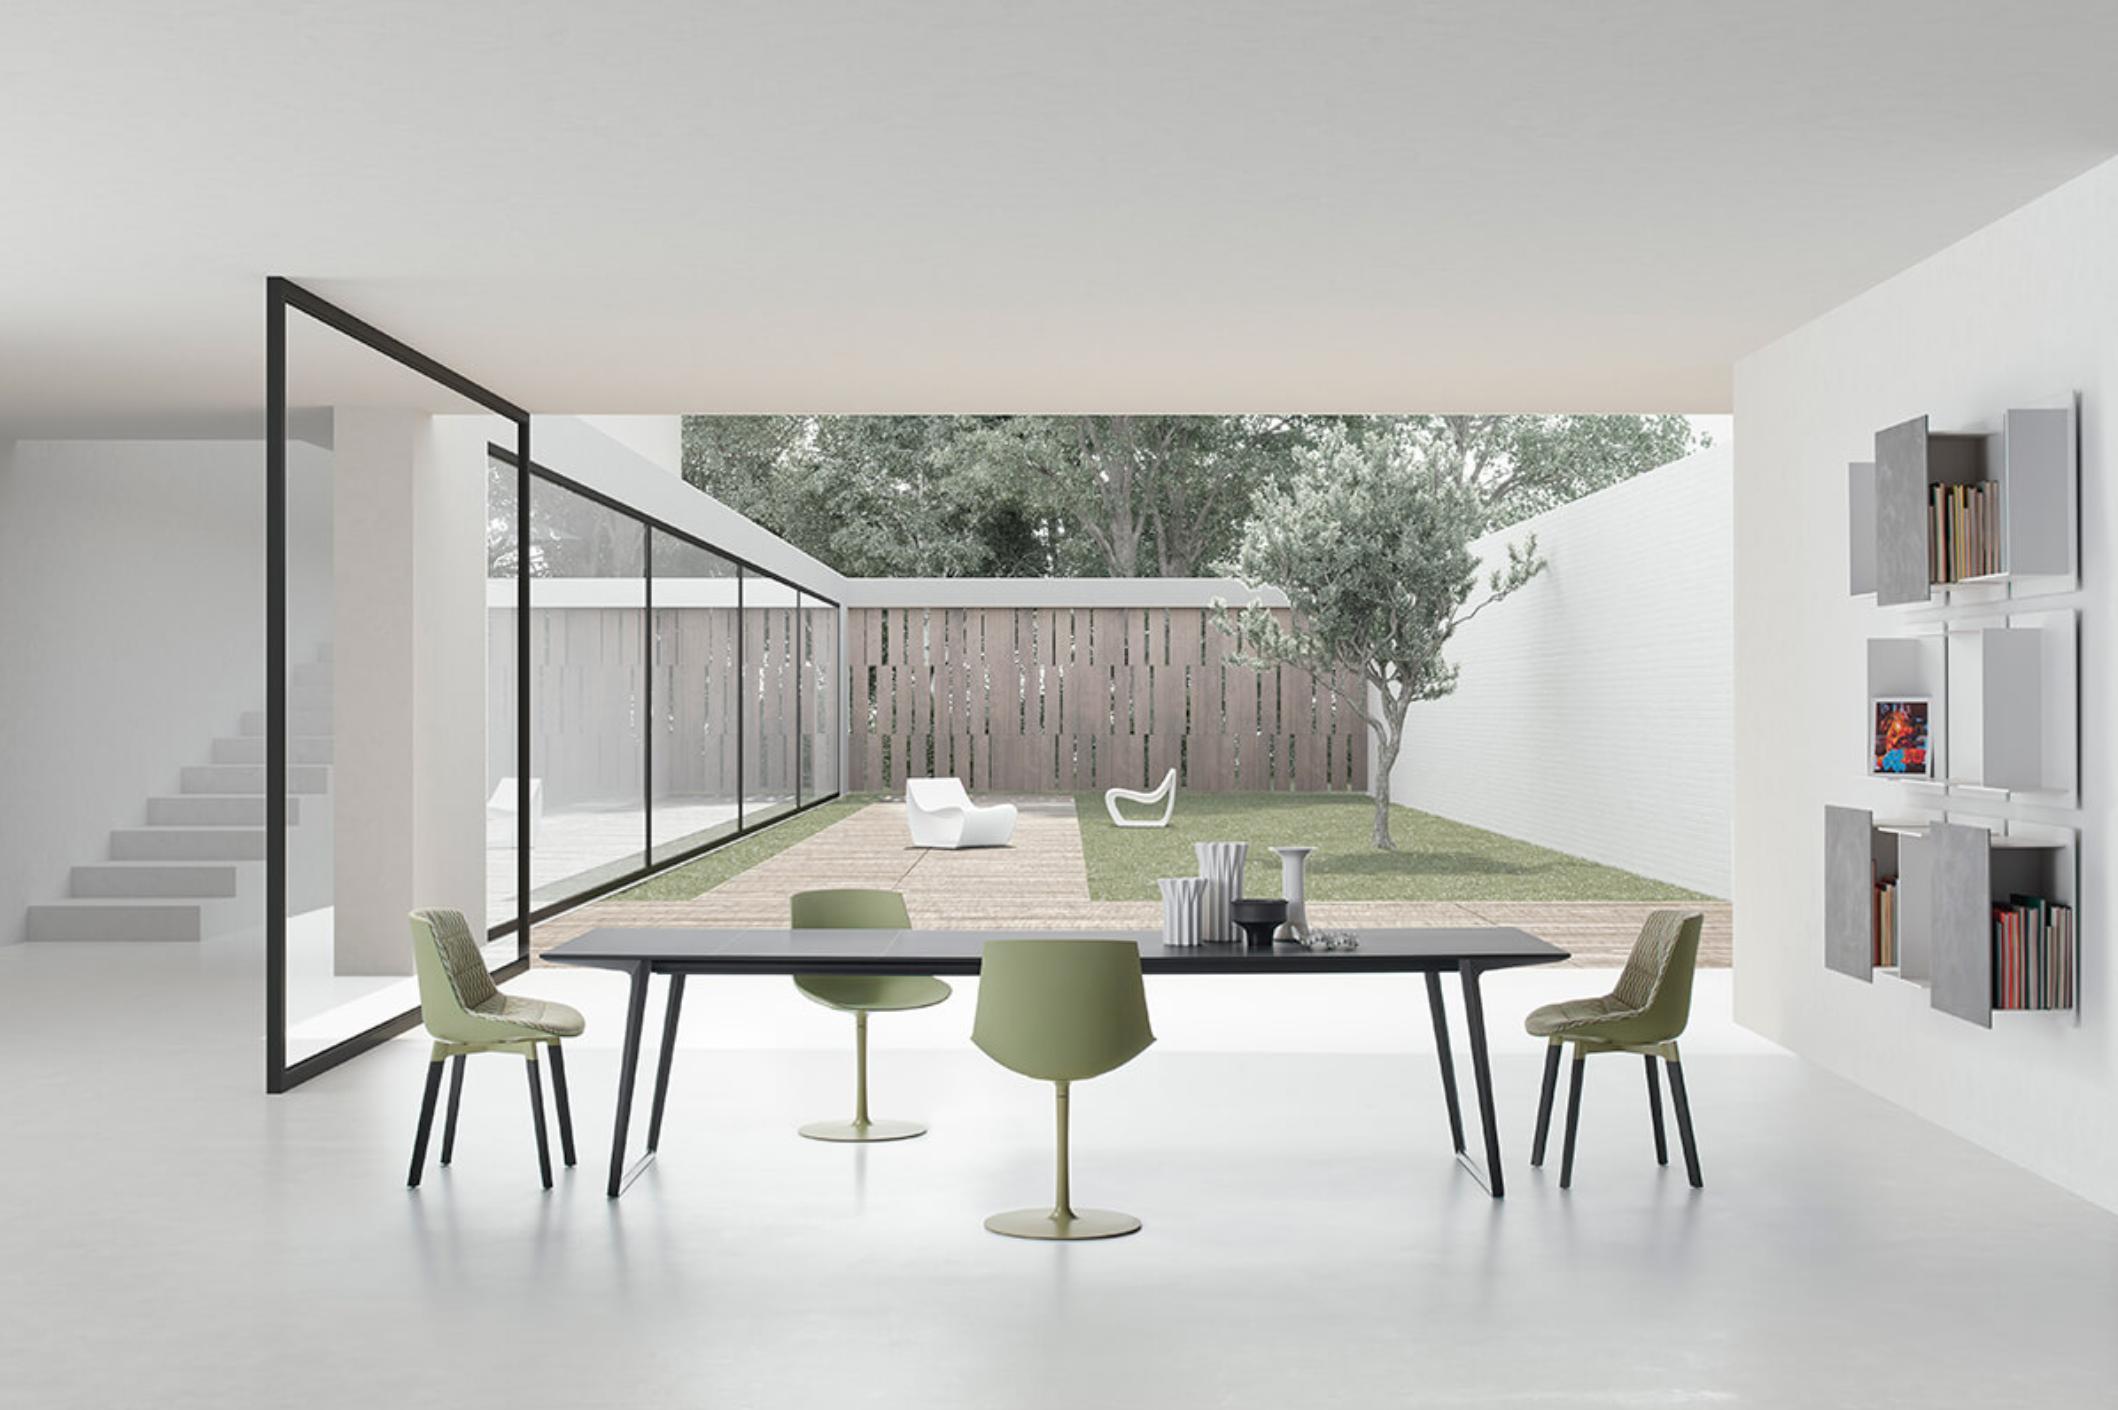 Axy MDF Italie bij design meubelwinkel  in Leuven Hasselt Limburg Brabant Zoutleeuw  design tafel 1.png